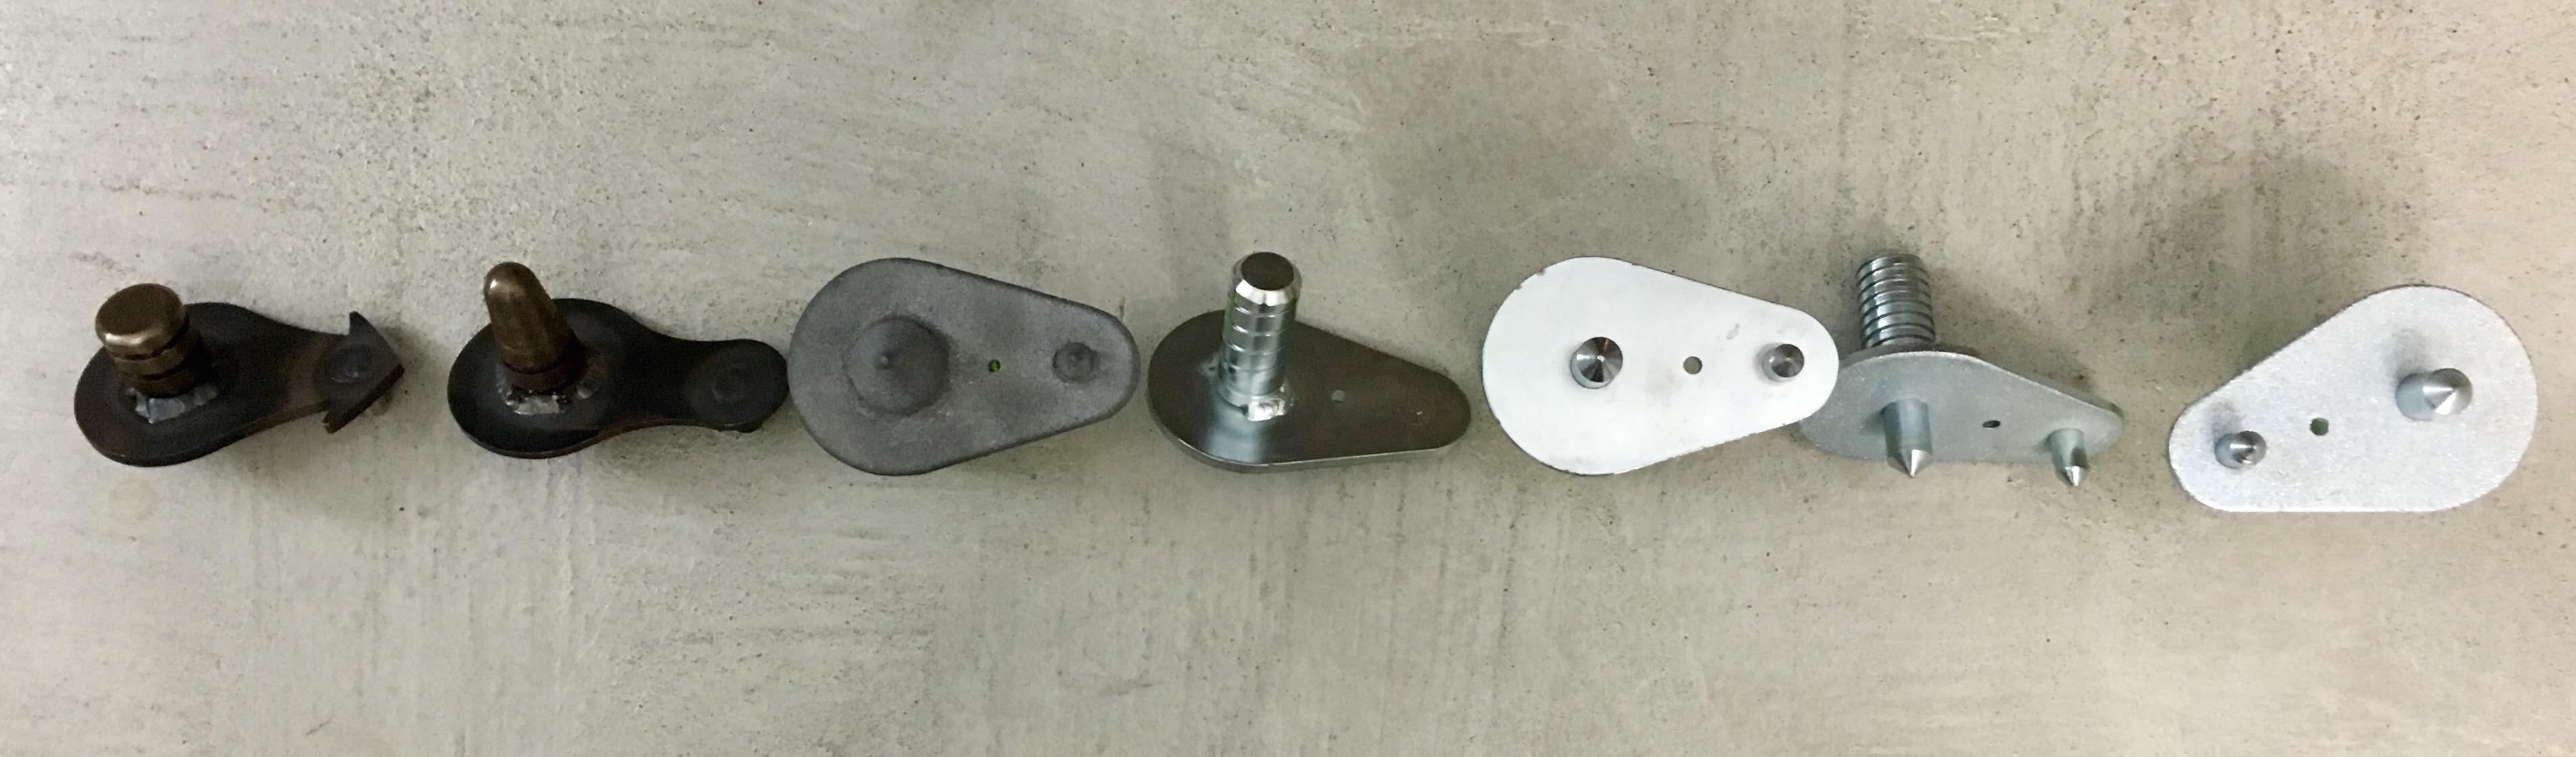 Base Prototypes